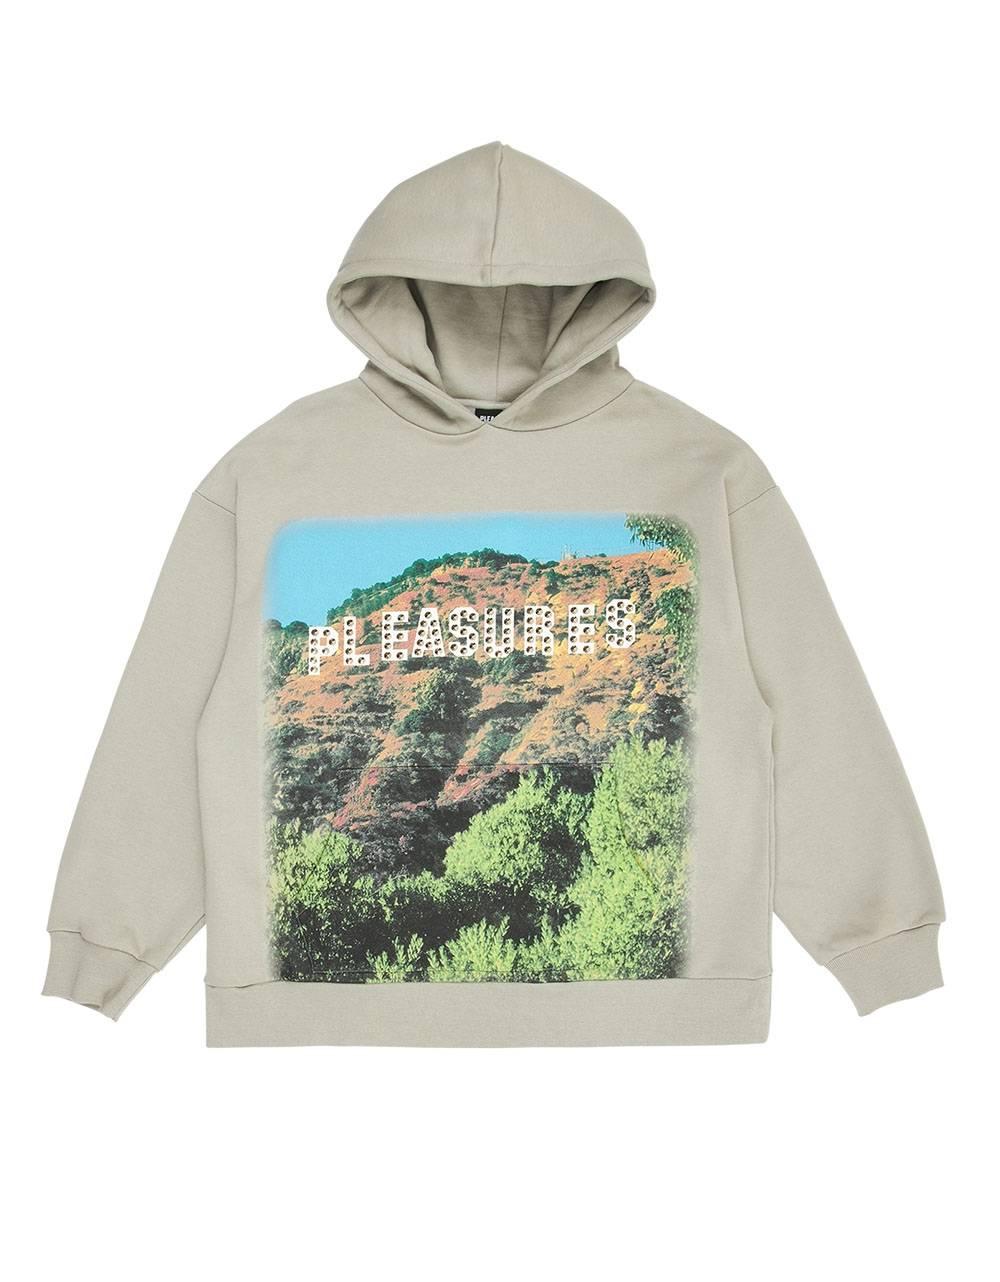 Pleasures Pleasurewood studded hoodie - silver grey Pleasures Sweater 119,67€